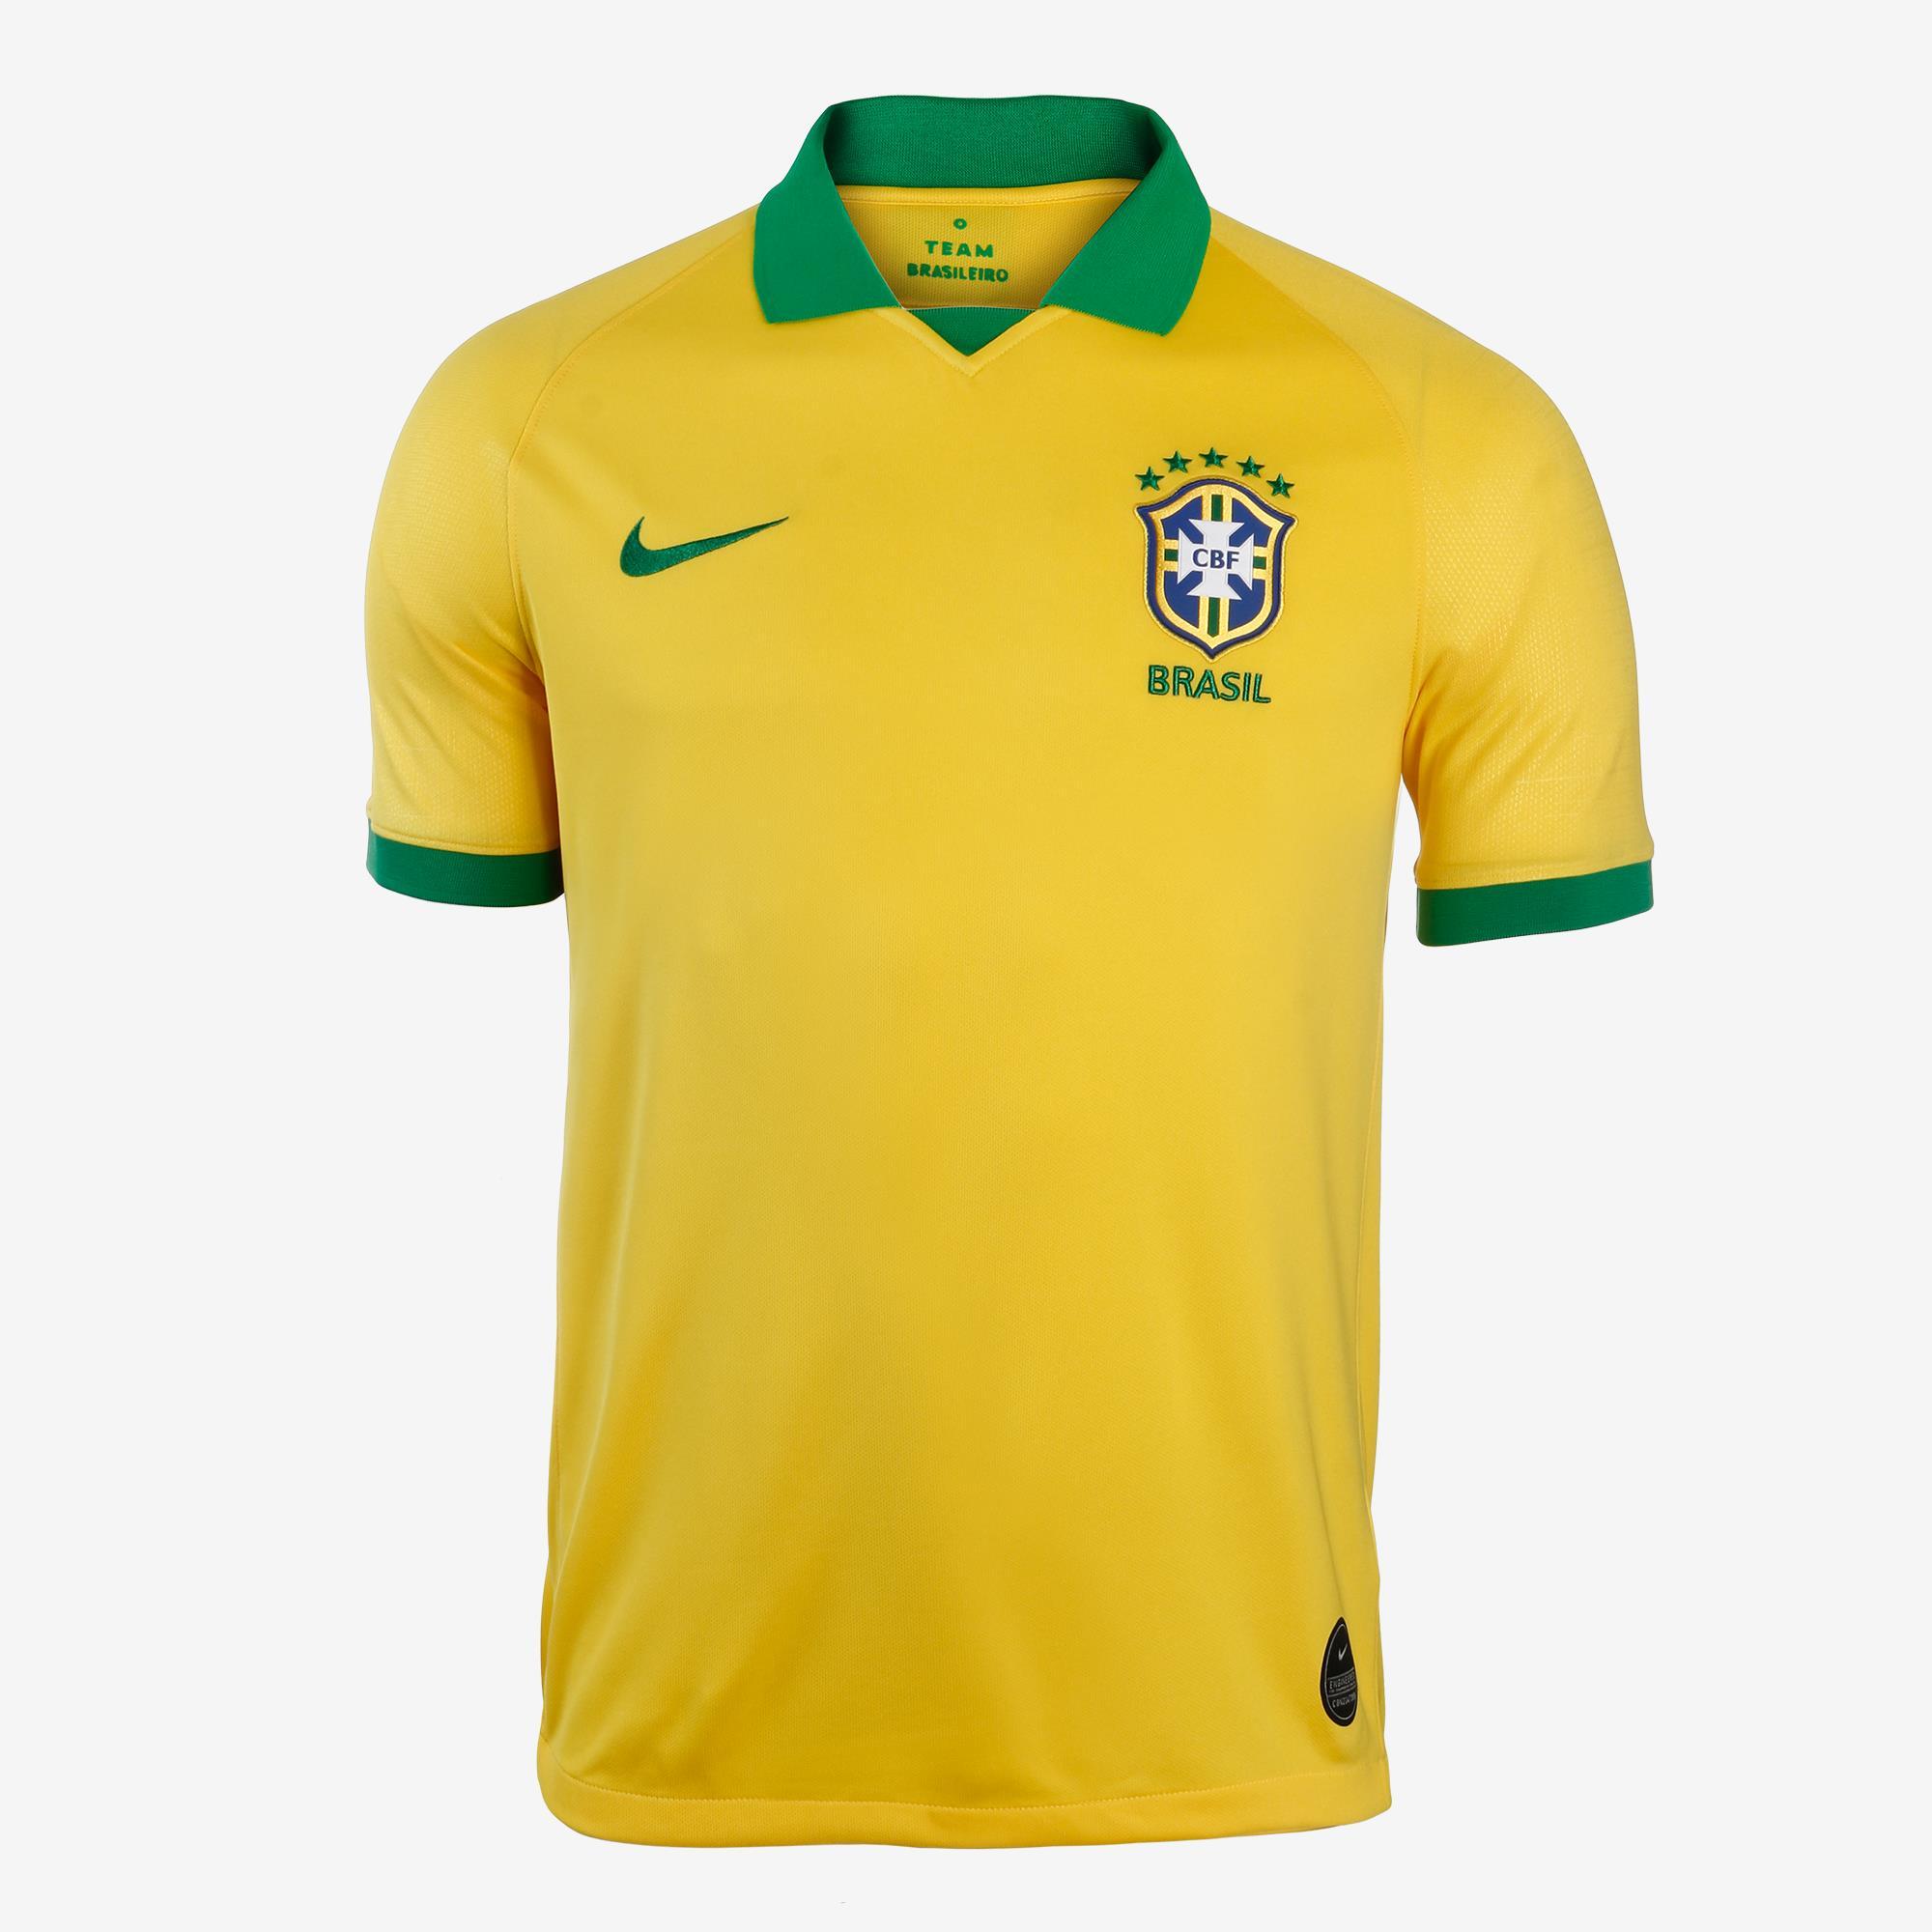 مثل هذا اتحادي كره ارضيه Brazil Collar Jersey Virelaine Org